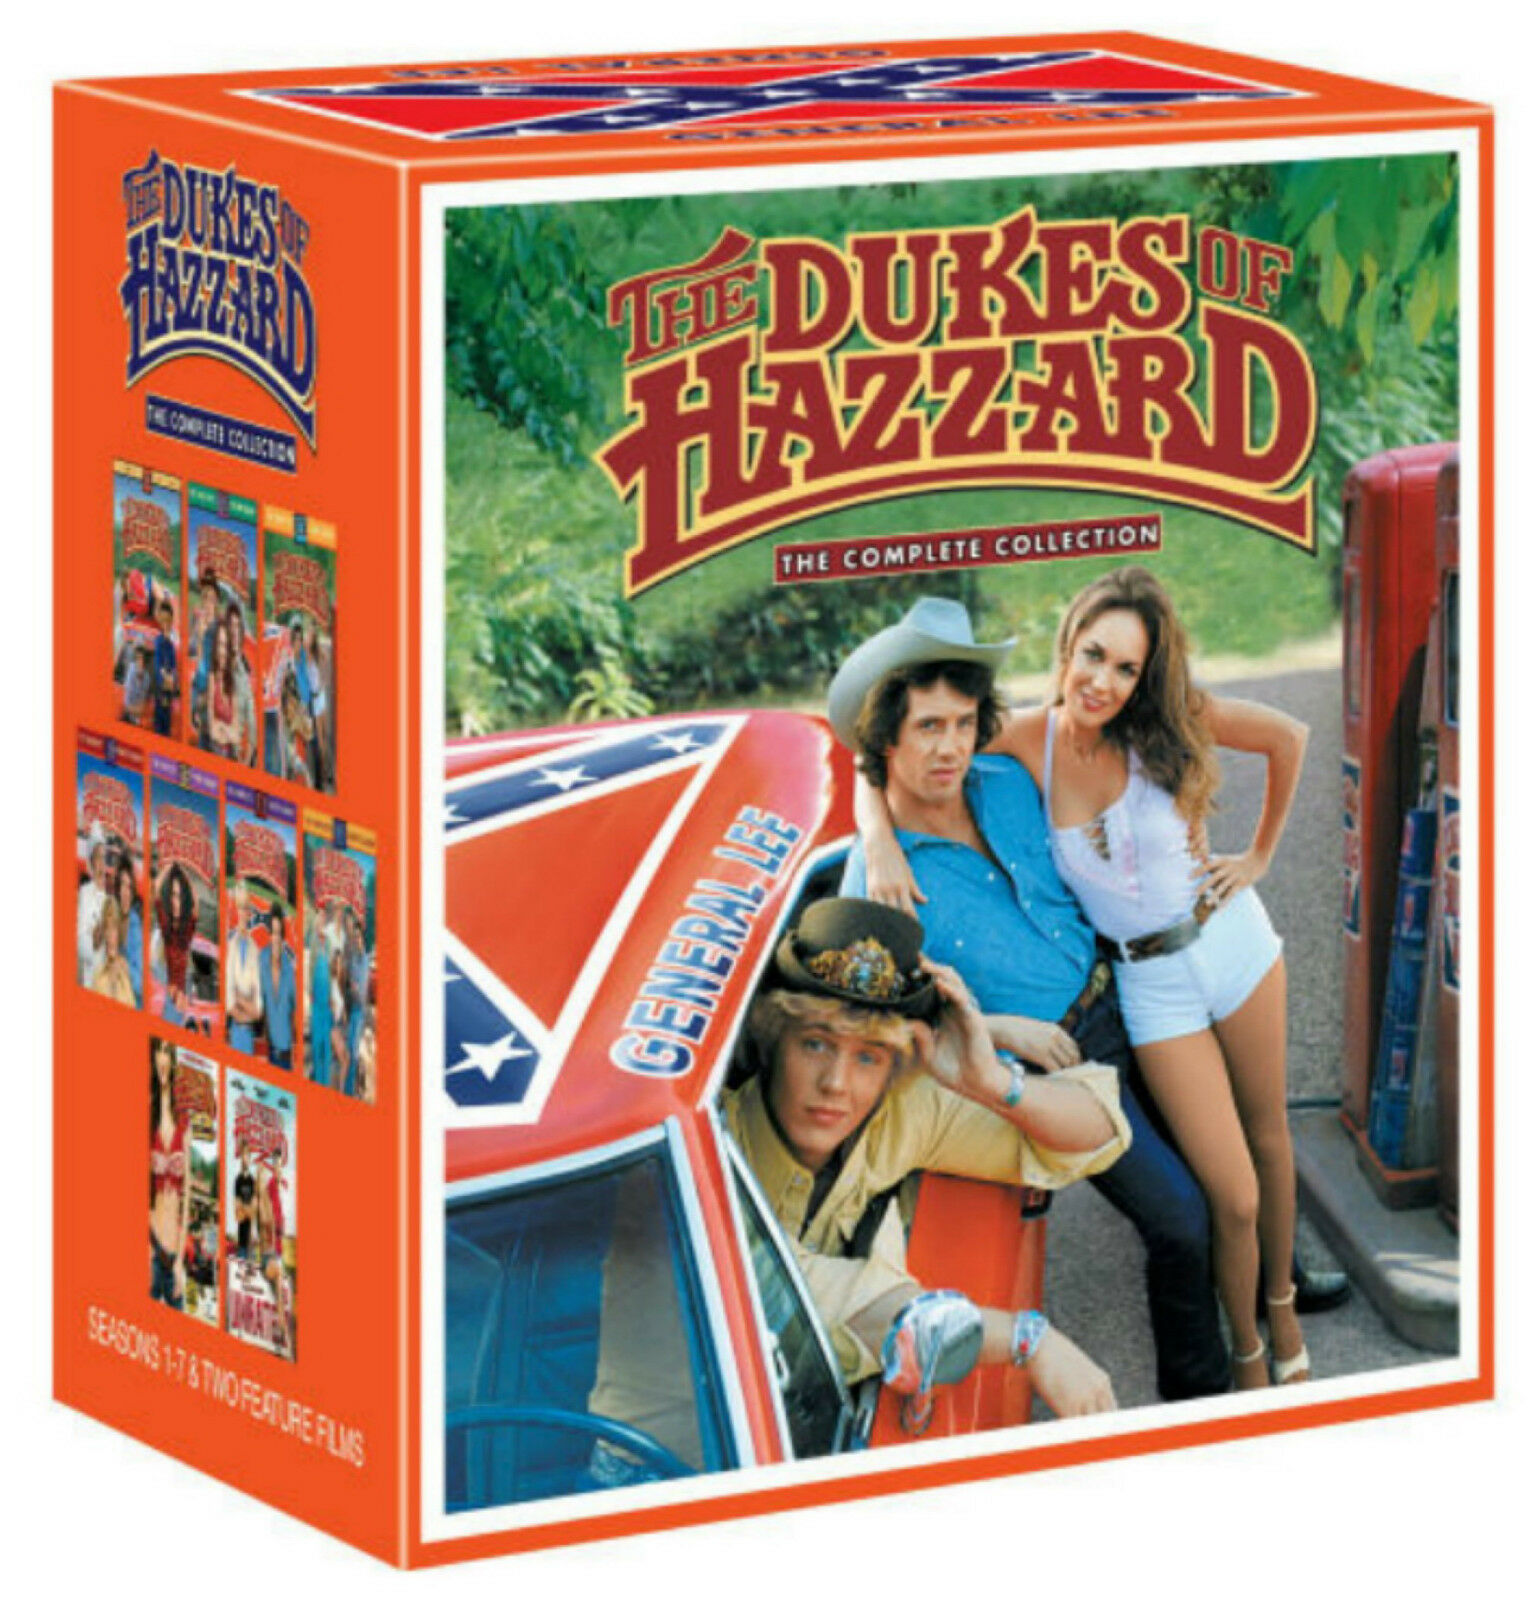 Изображение товара Dukes of Hazzard The Complete Series Season 1 - 7 +2 Movies DVD Gift Box Set NEW